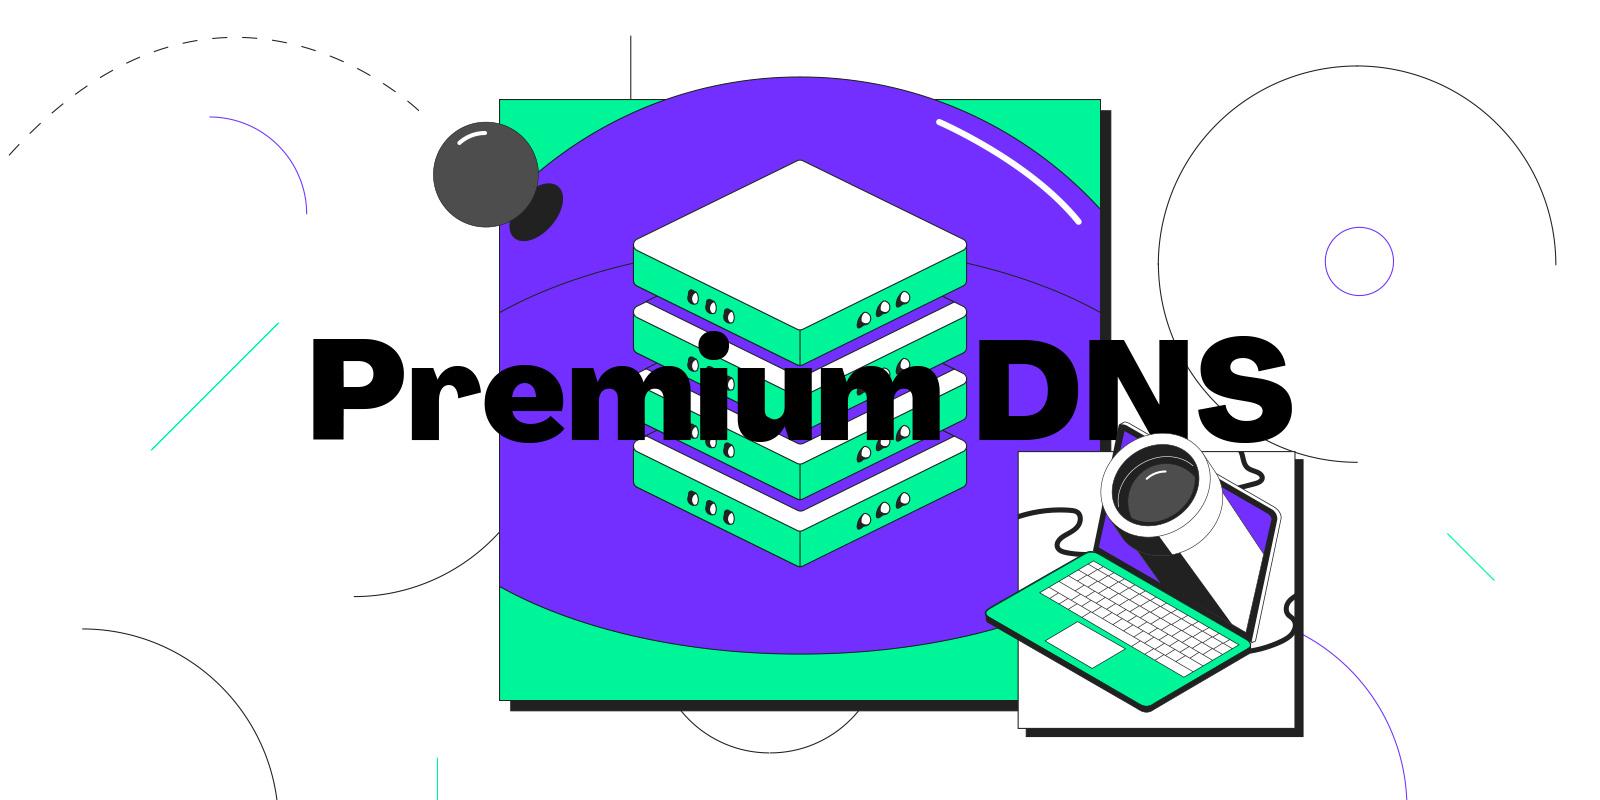 使用進階 DNS 提升您數位服務的可用性